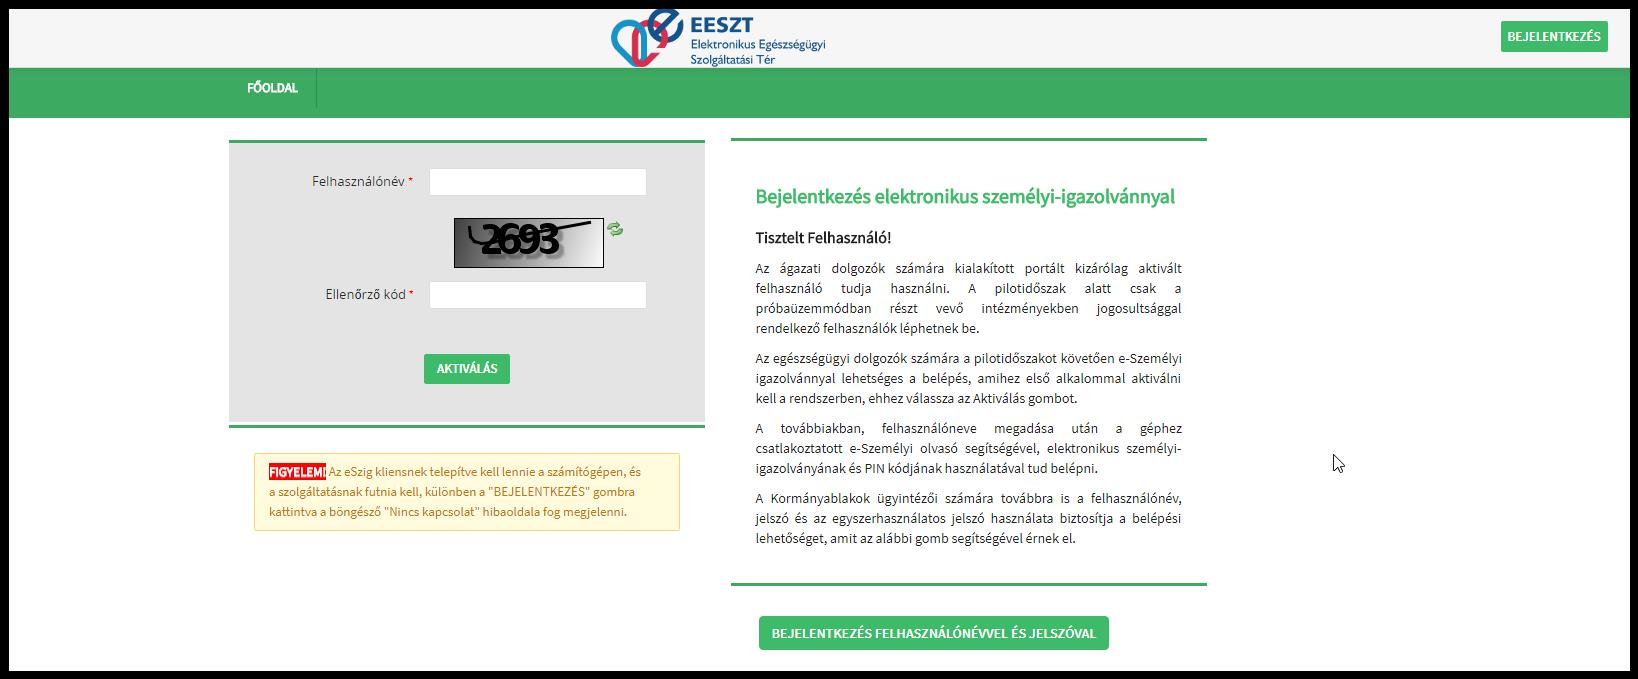 Hibaüzenetek listája, amik az EESZT felhasználók aktiválása közben jelentkezhet